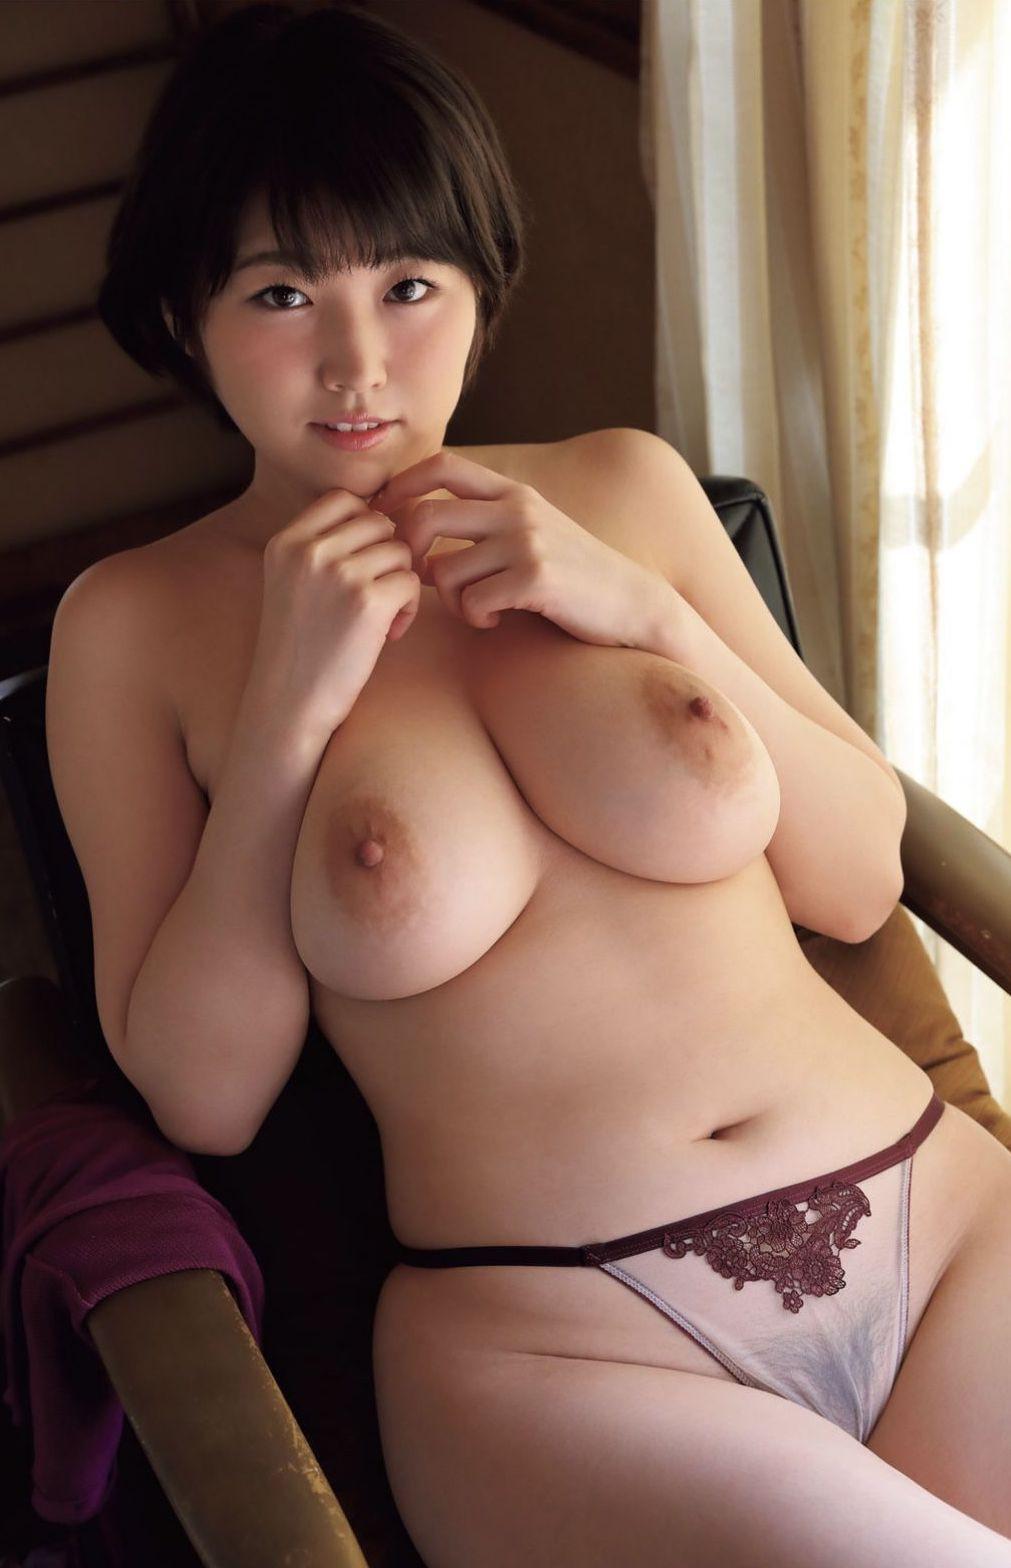 松本菜奈実 写真集「零れる」photo 035